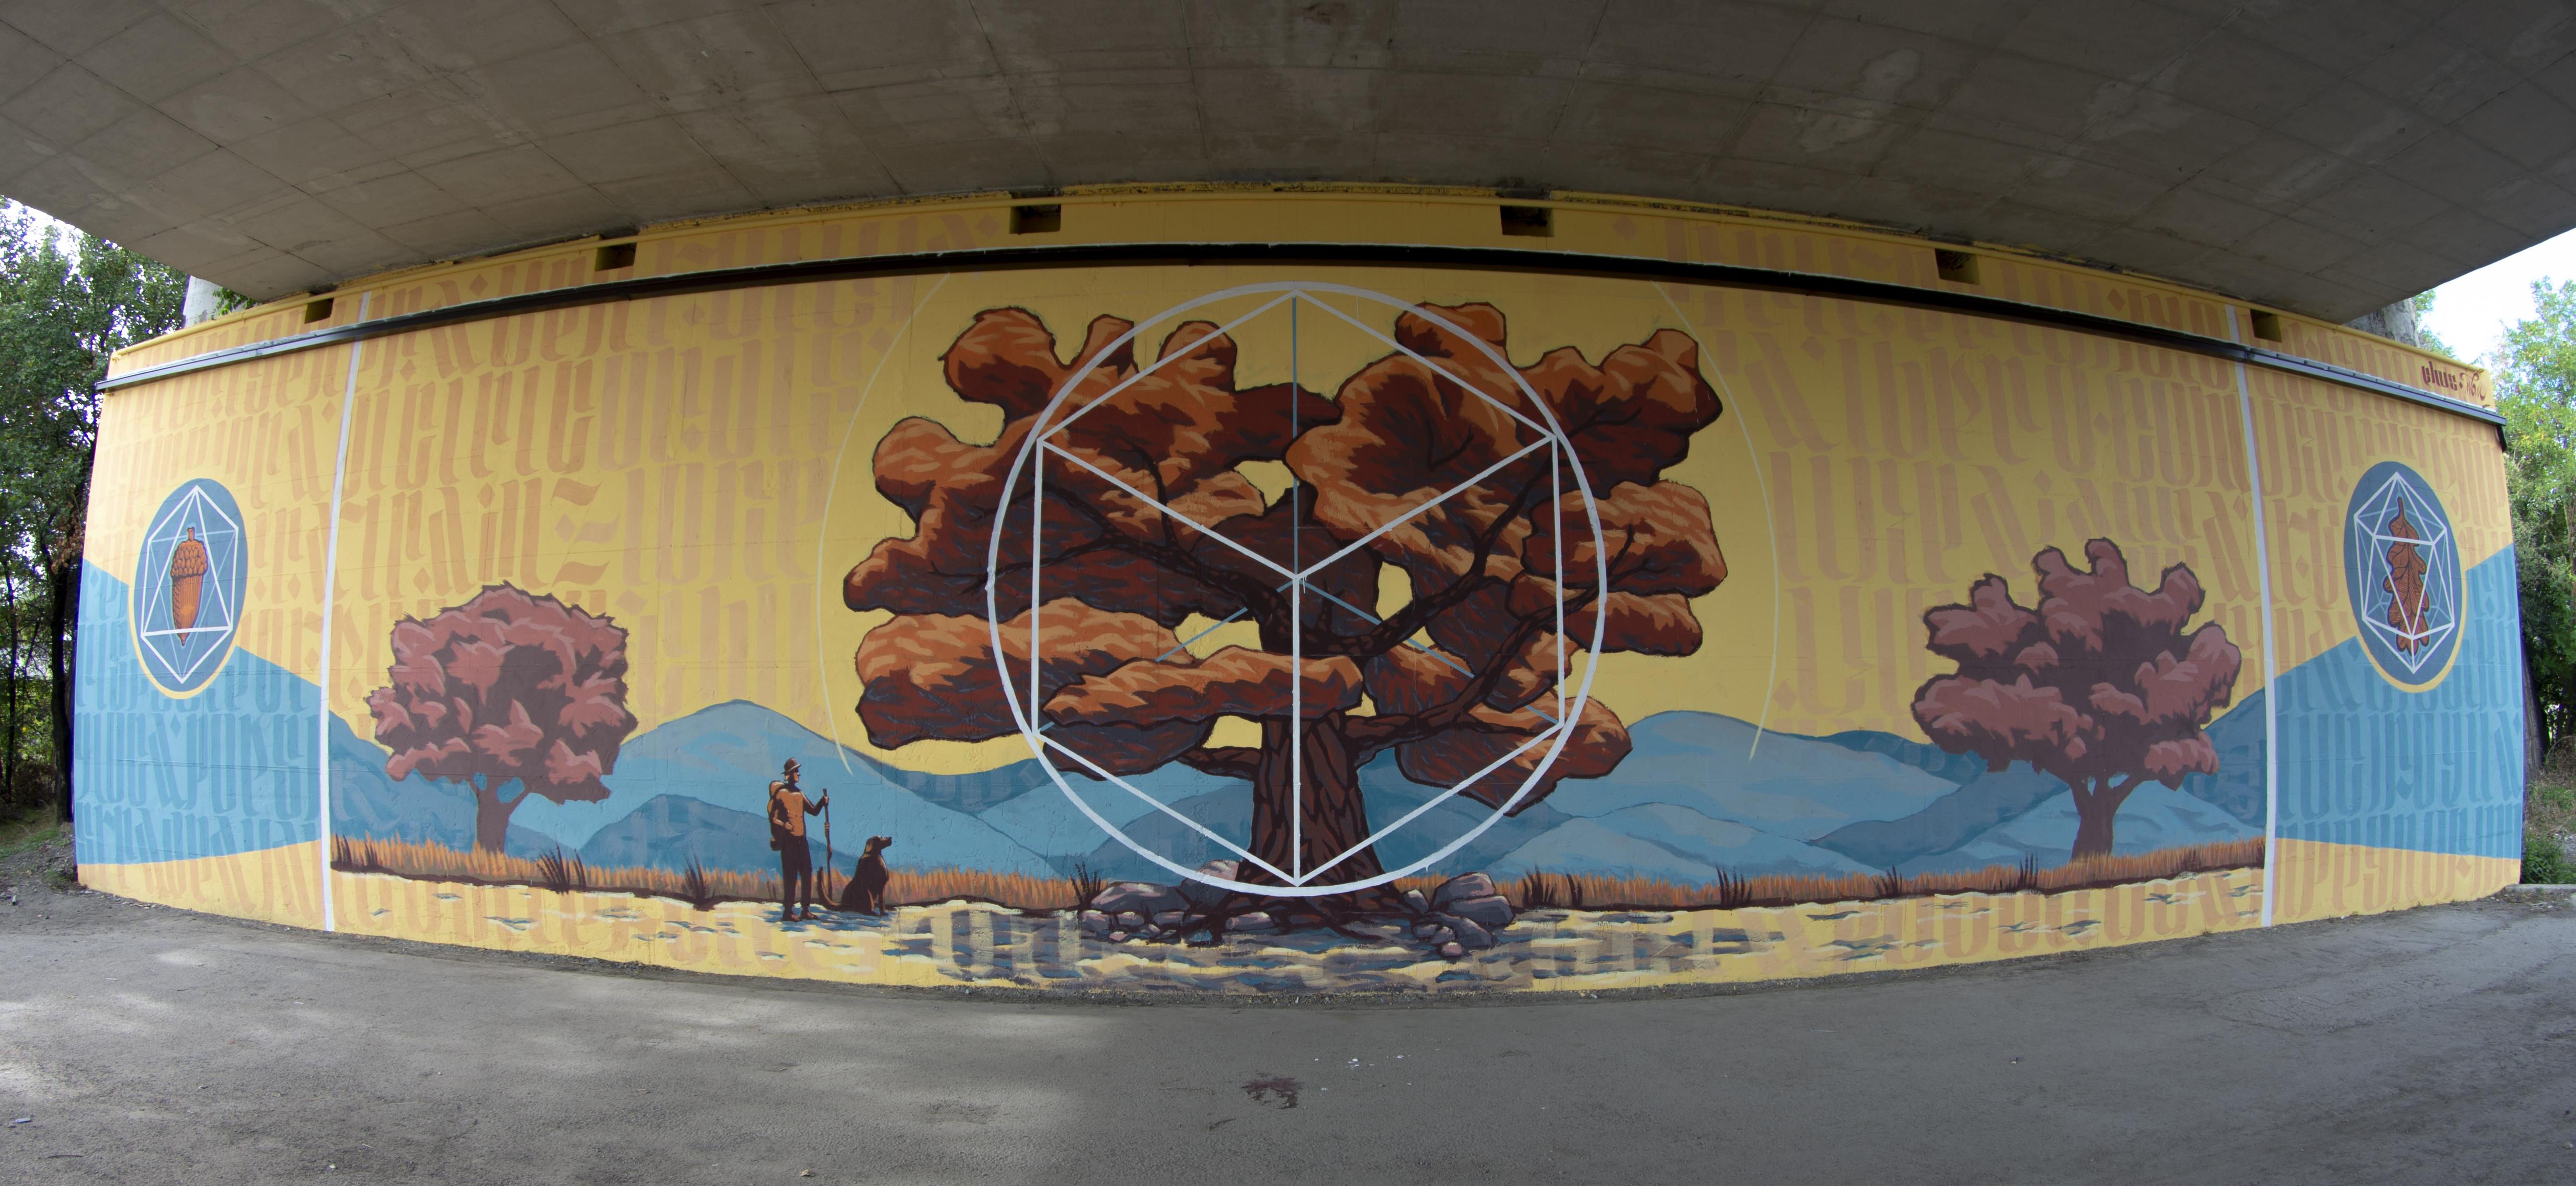 Immagine di un murales sulla E45